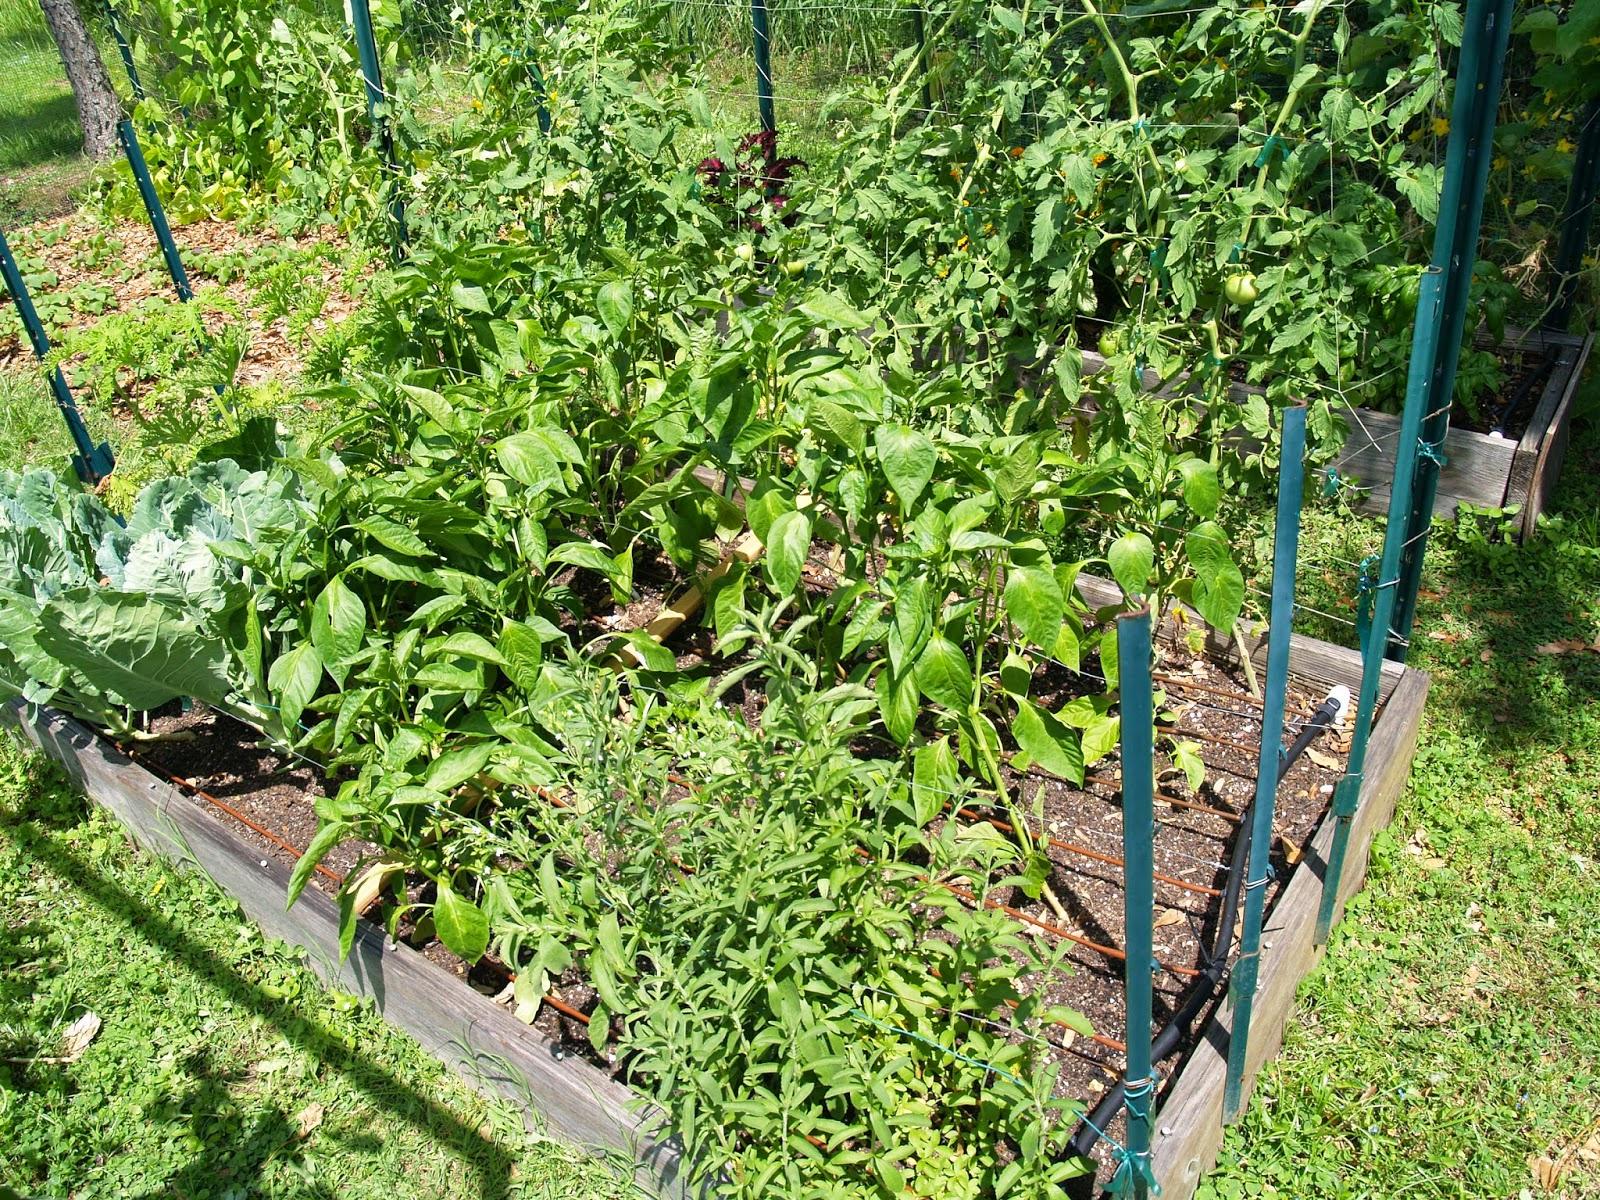 gardening in winter garden spring 2014 vegetable garden